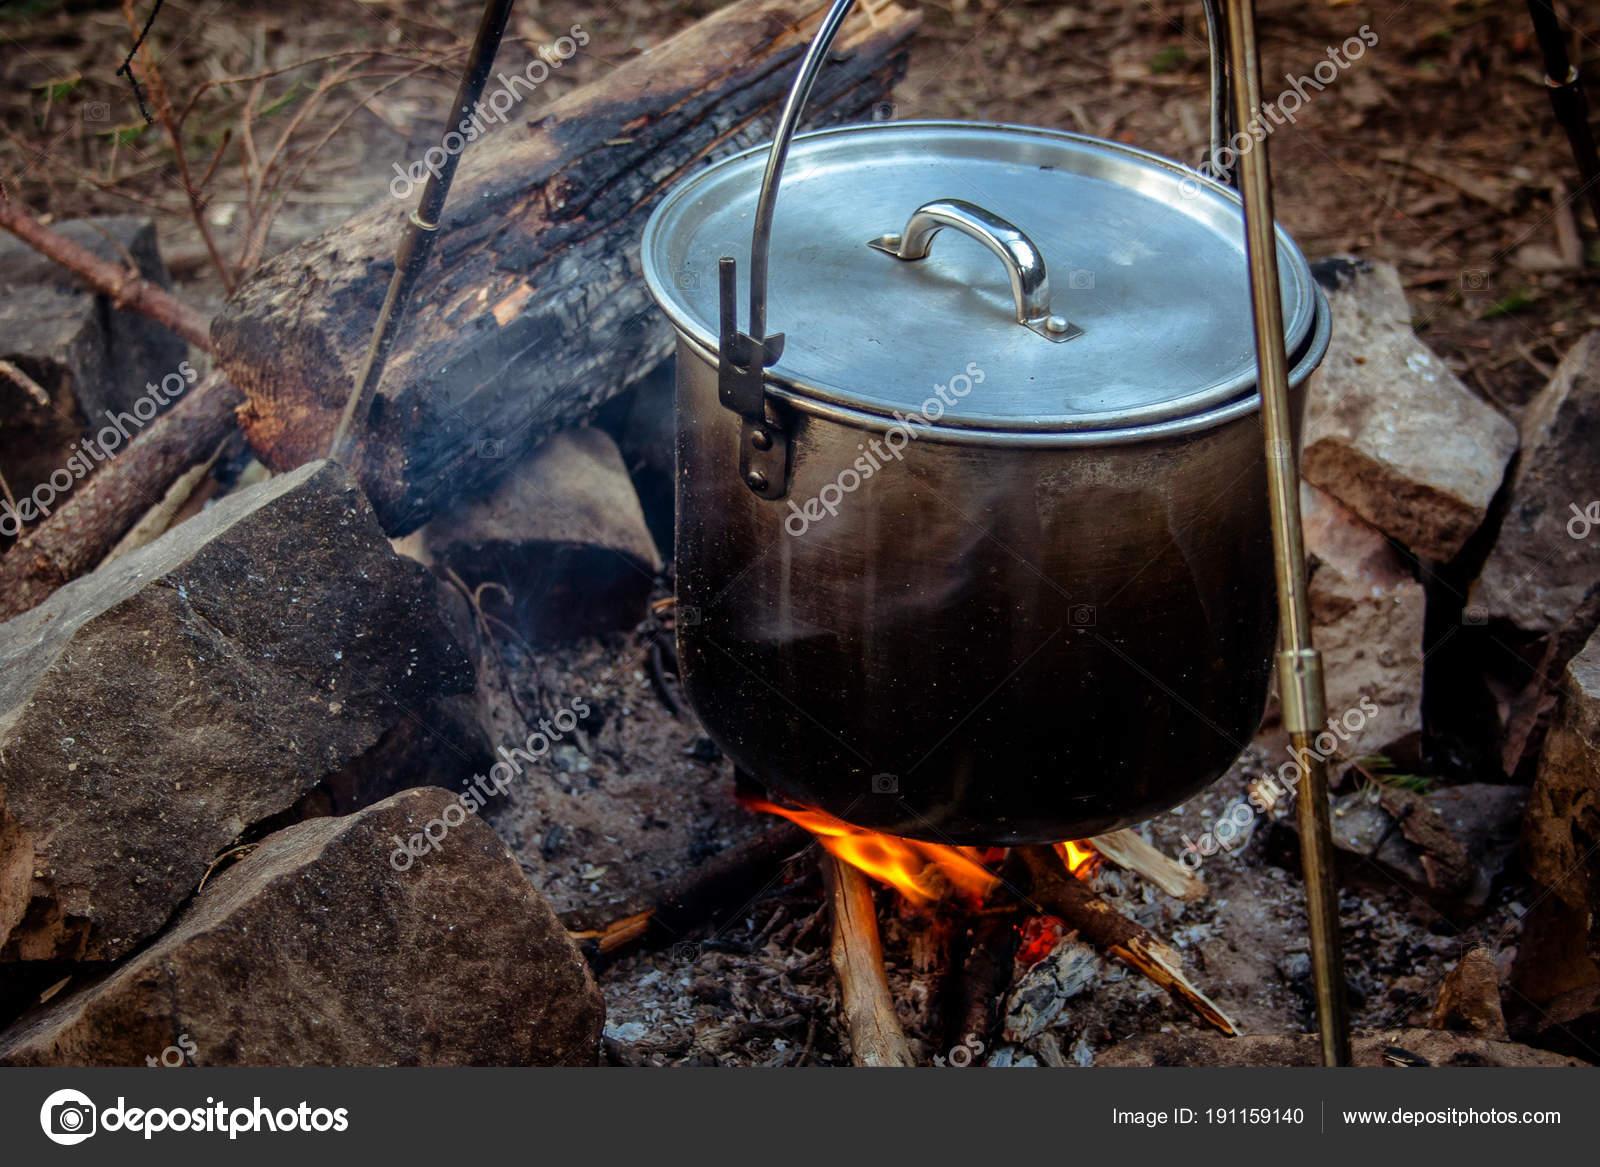 Kochen Essen in einem Kessel auf brennenden Lagerfeuer in Wildes ...